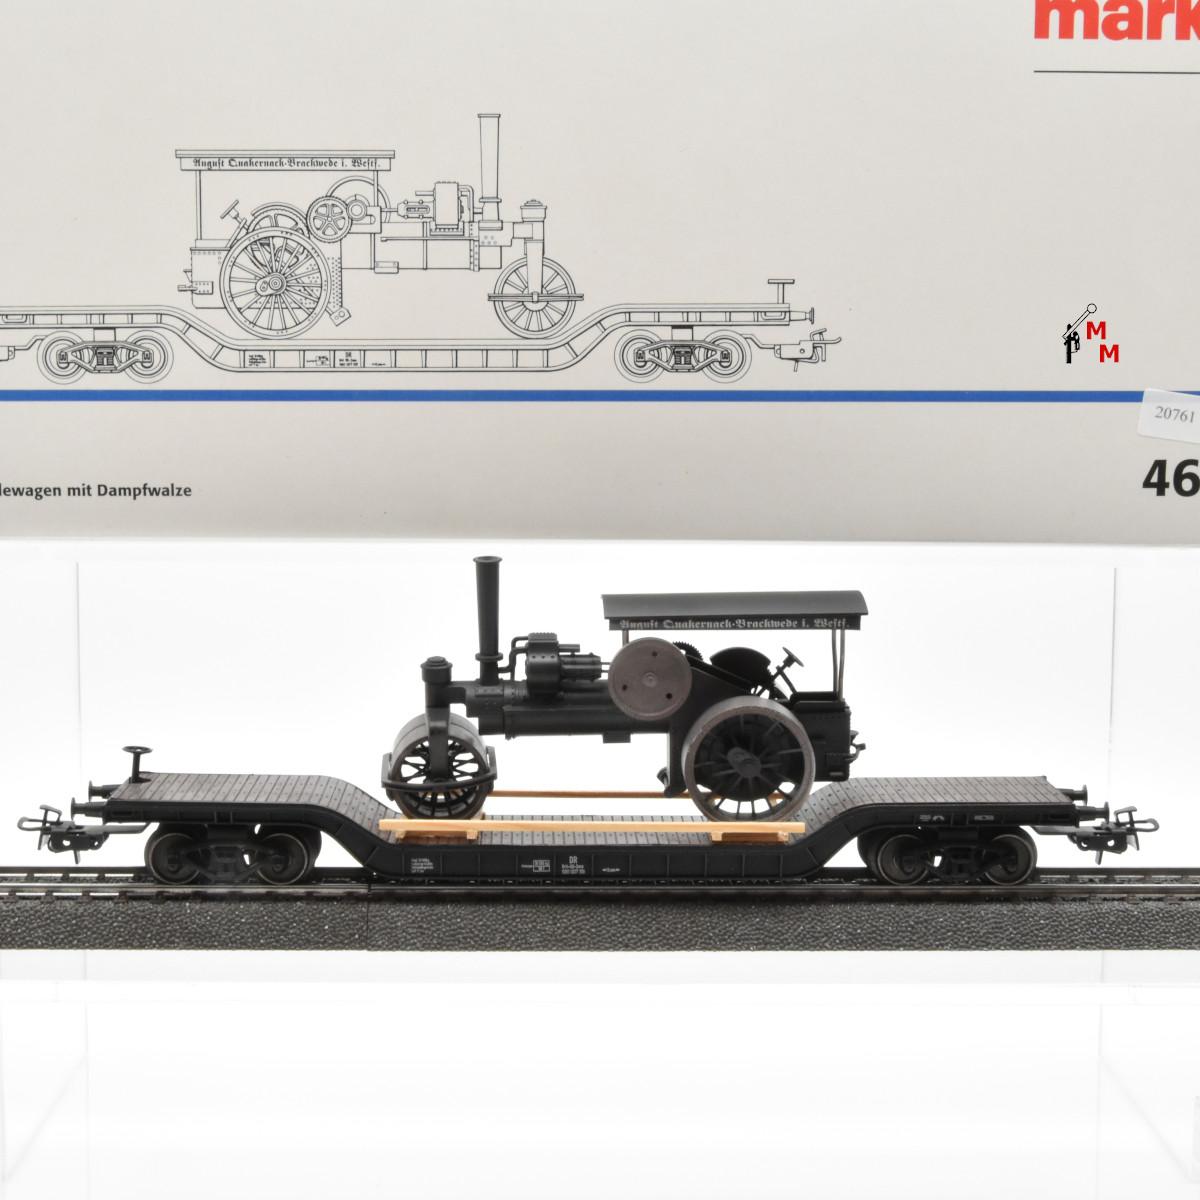 Märklin 46189 Wagenset Tiefladewagen mit Dampfwalze, (20761)